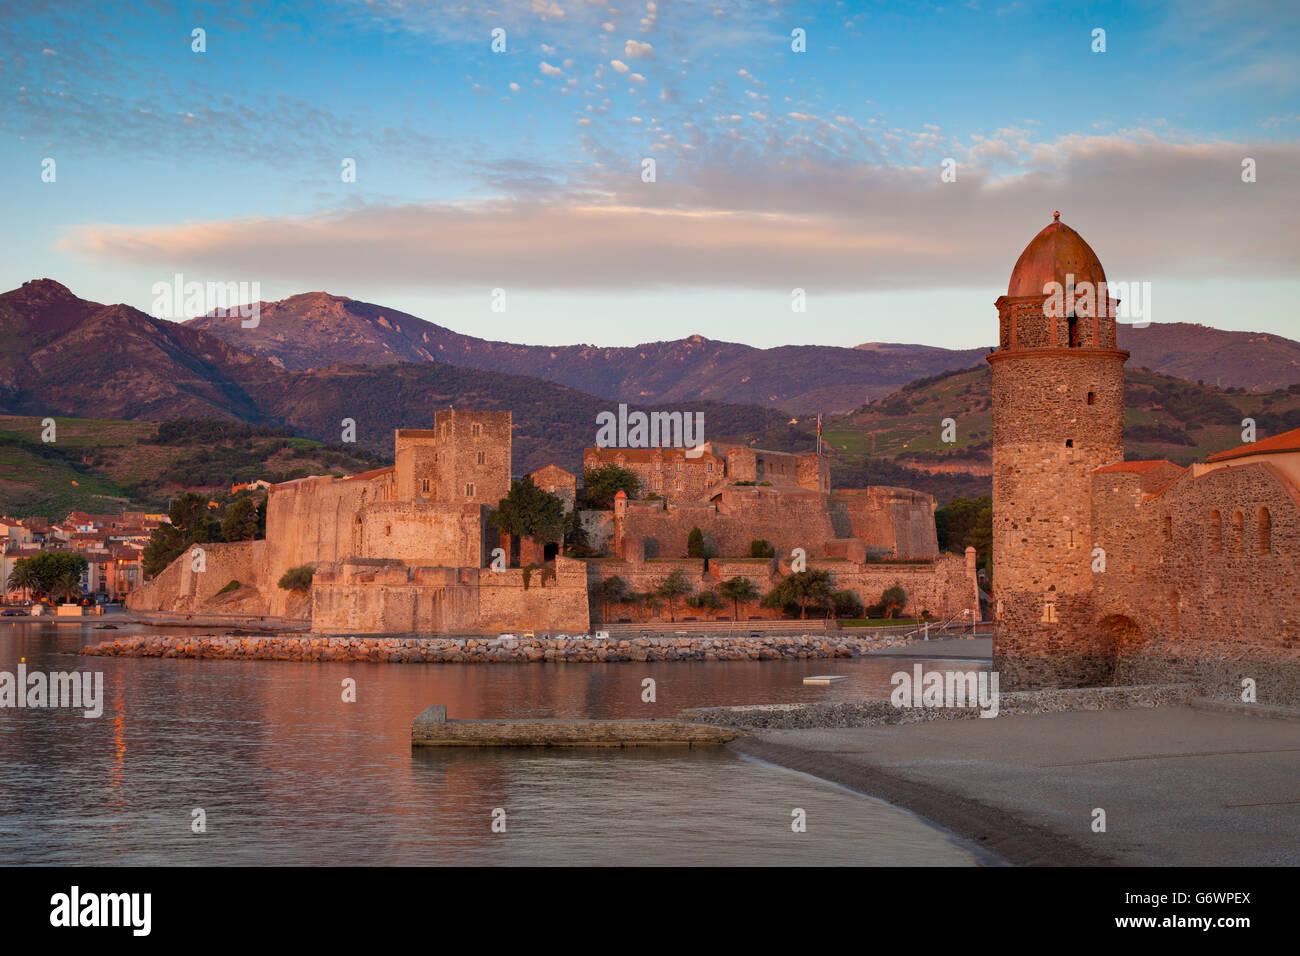 Sonnenaufgang über Stadt Collioure, Pyrenäen-Orientales, Languedoc-Roussillon, Frankreich Stockbild